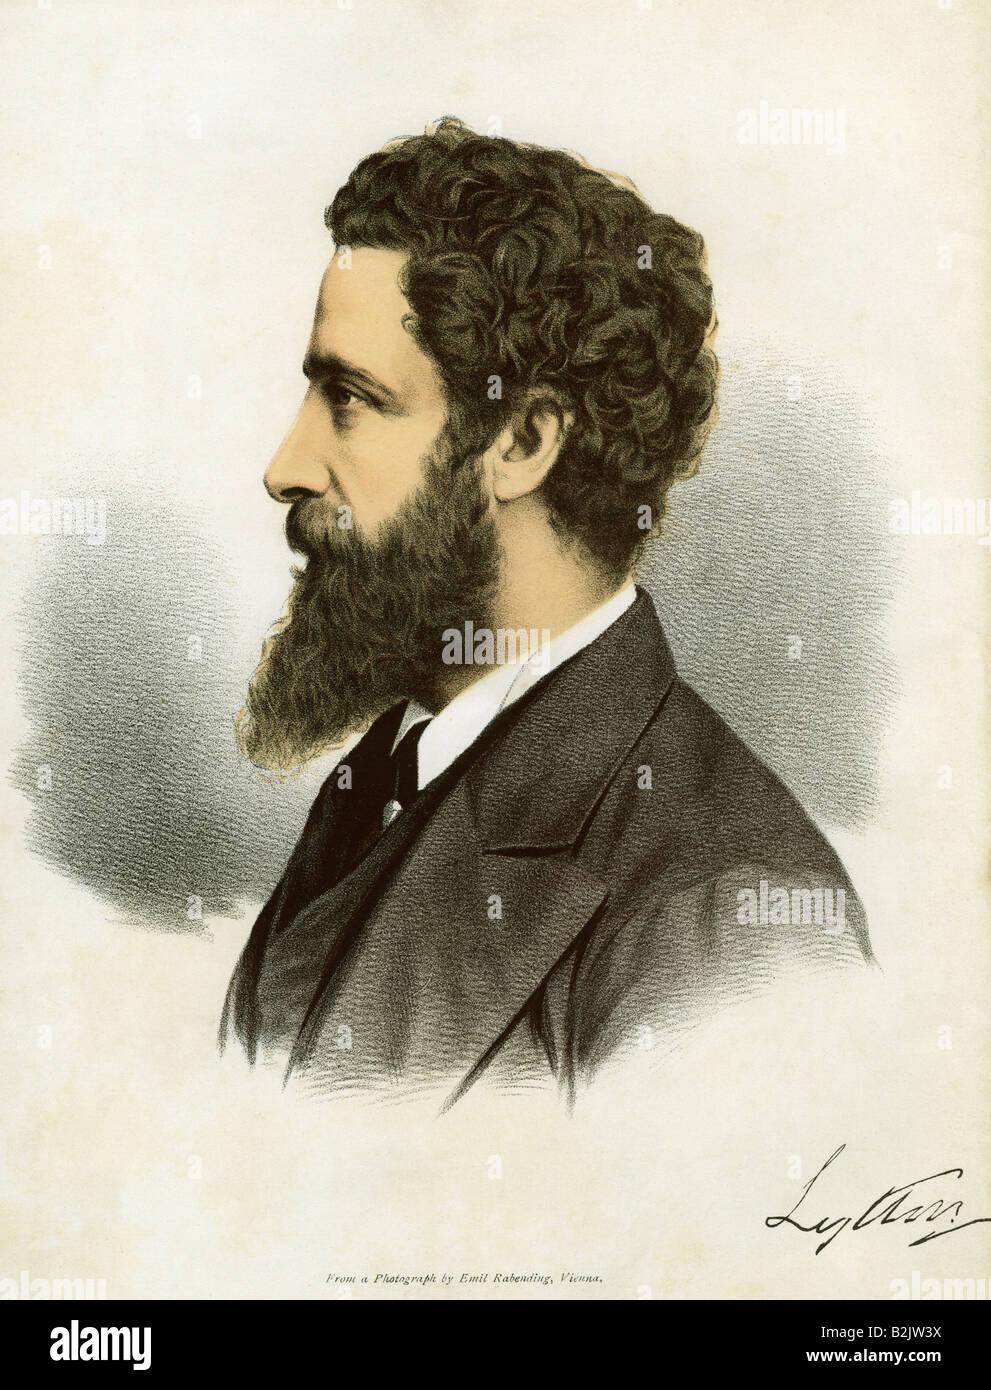 Bulwer-Lytton, Edward Robert, 8.11.1831 - 24.11.1891, diplomate britannique, auteur, lithographie colorée, basée sur une photographie d'Emil Rabending, Vienne, Autriche, fin du XIXe siècle, Banque D'Images